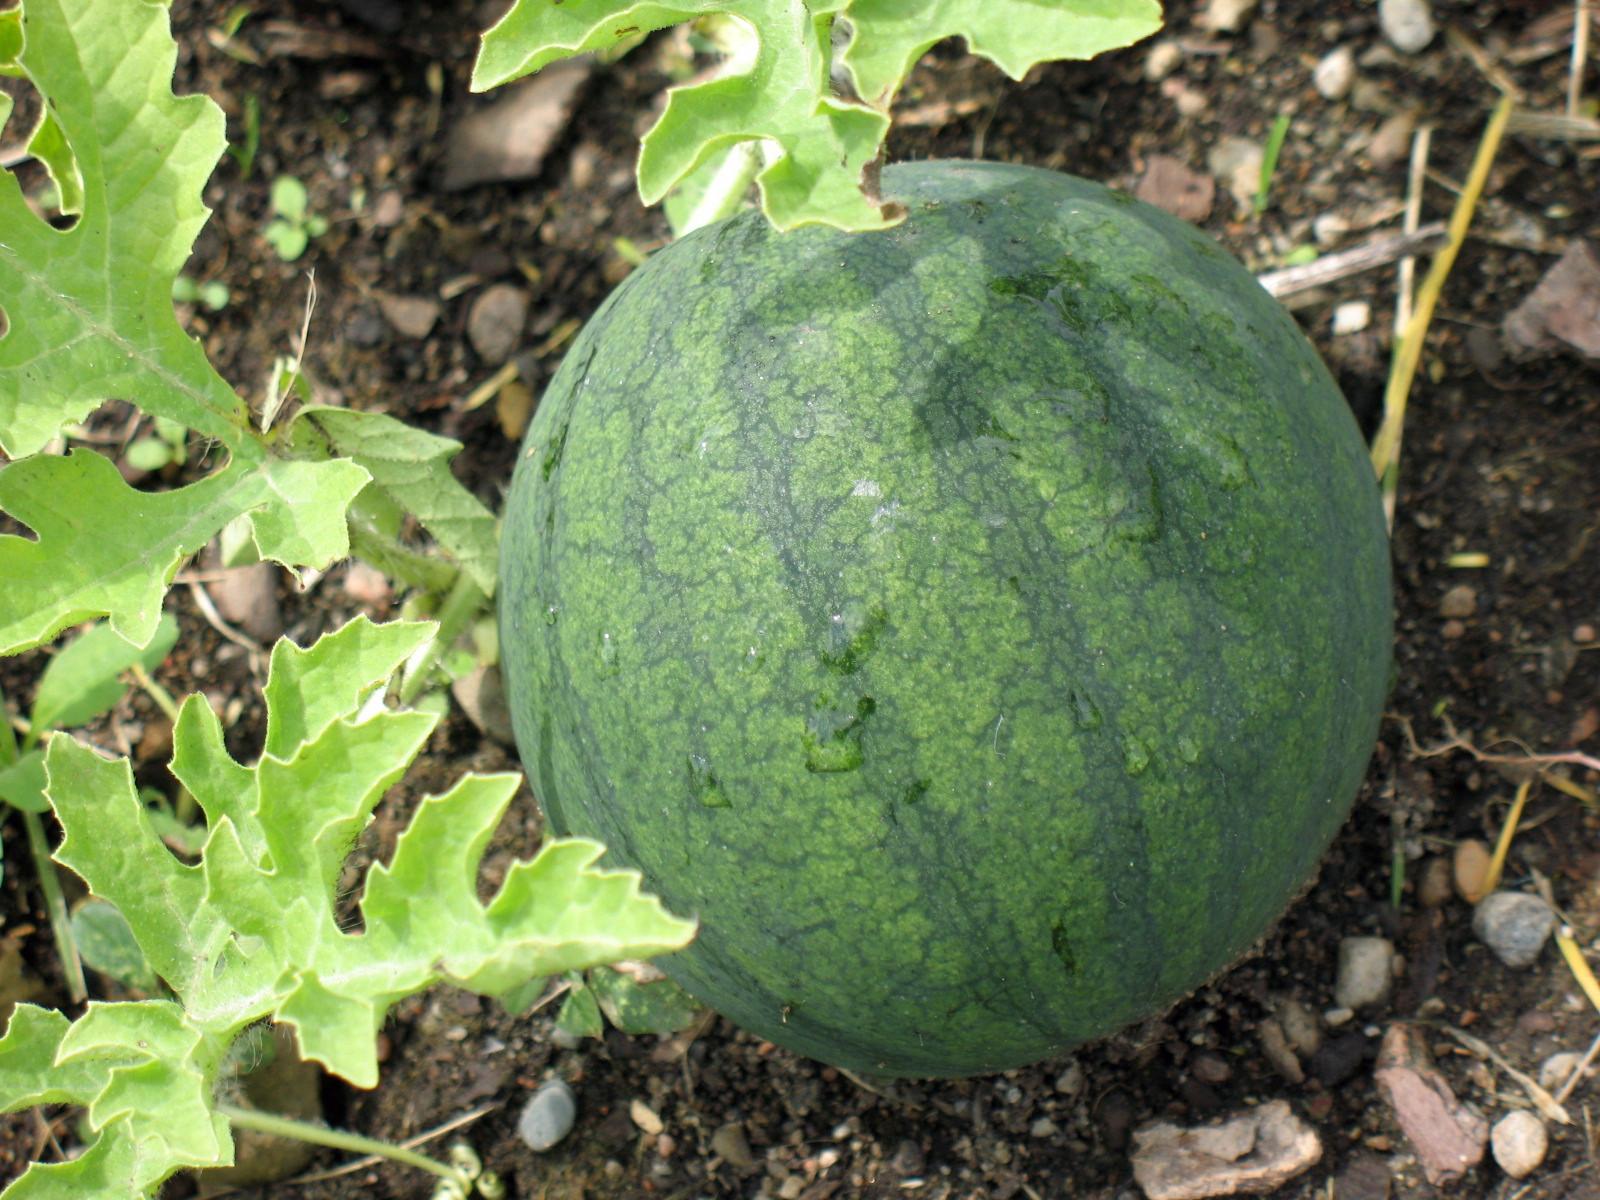 - Quand cueillir un melon ...